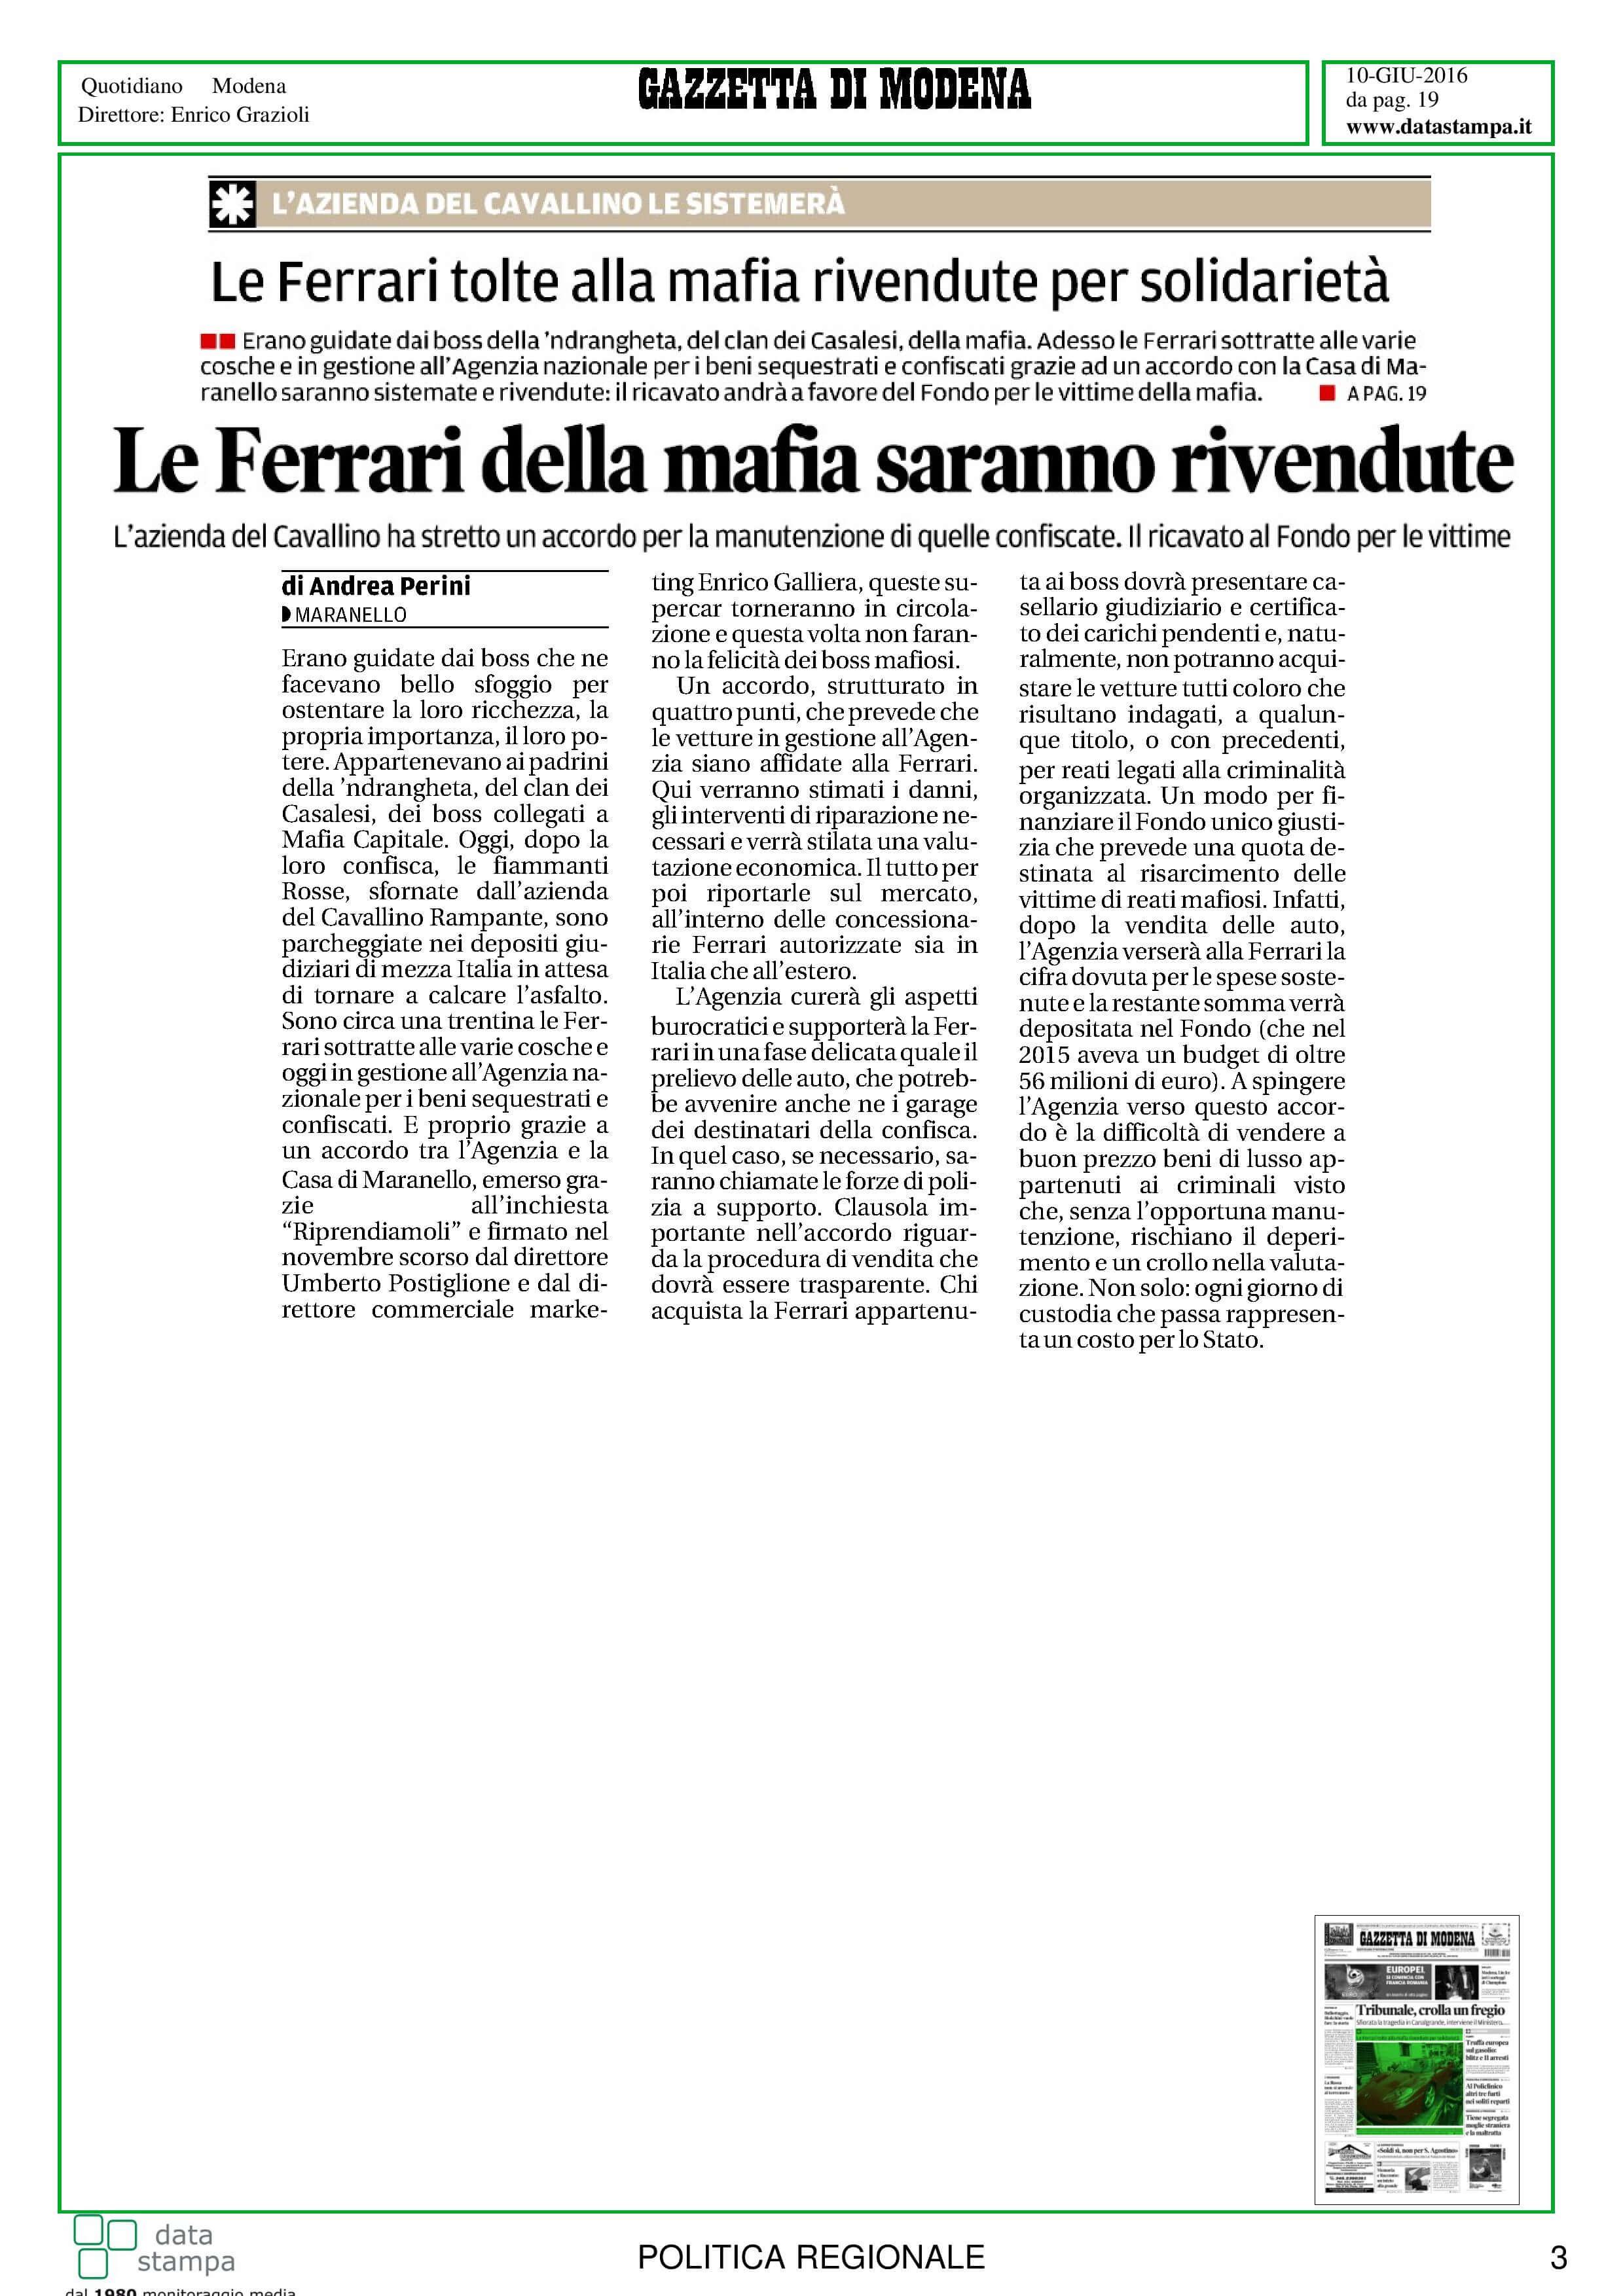 monitor-mafia-legalita-in-er-11-13-16-page-004